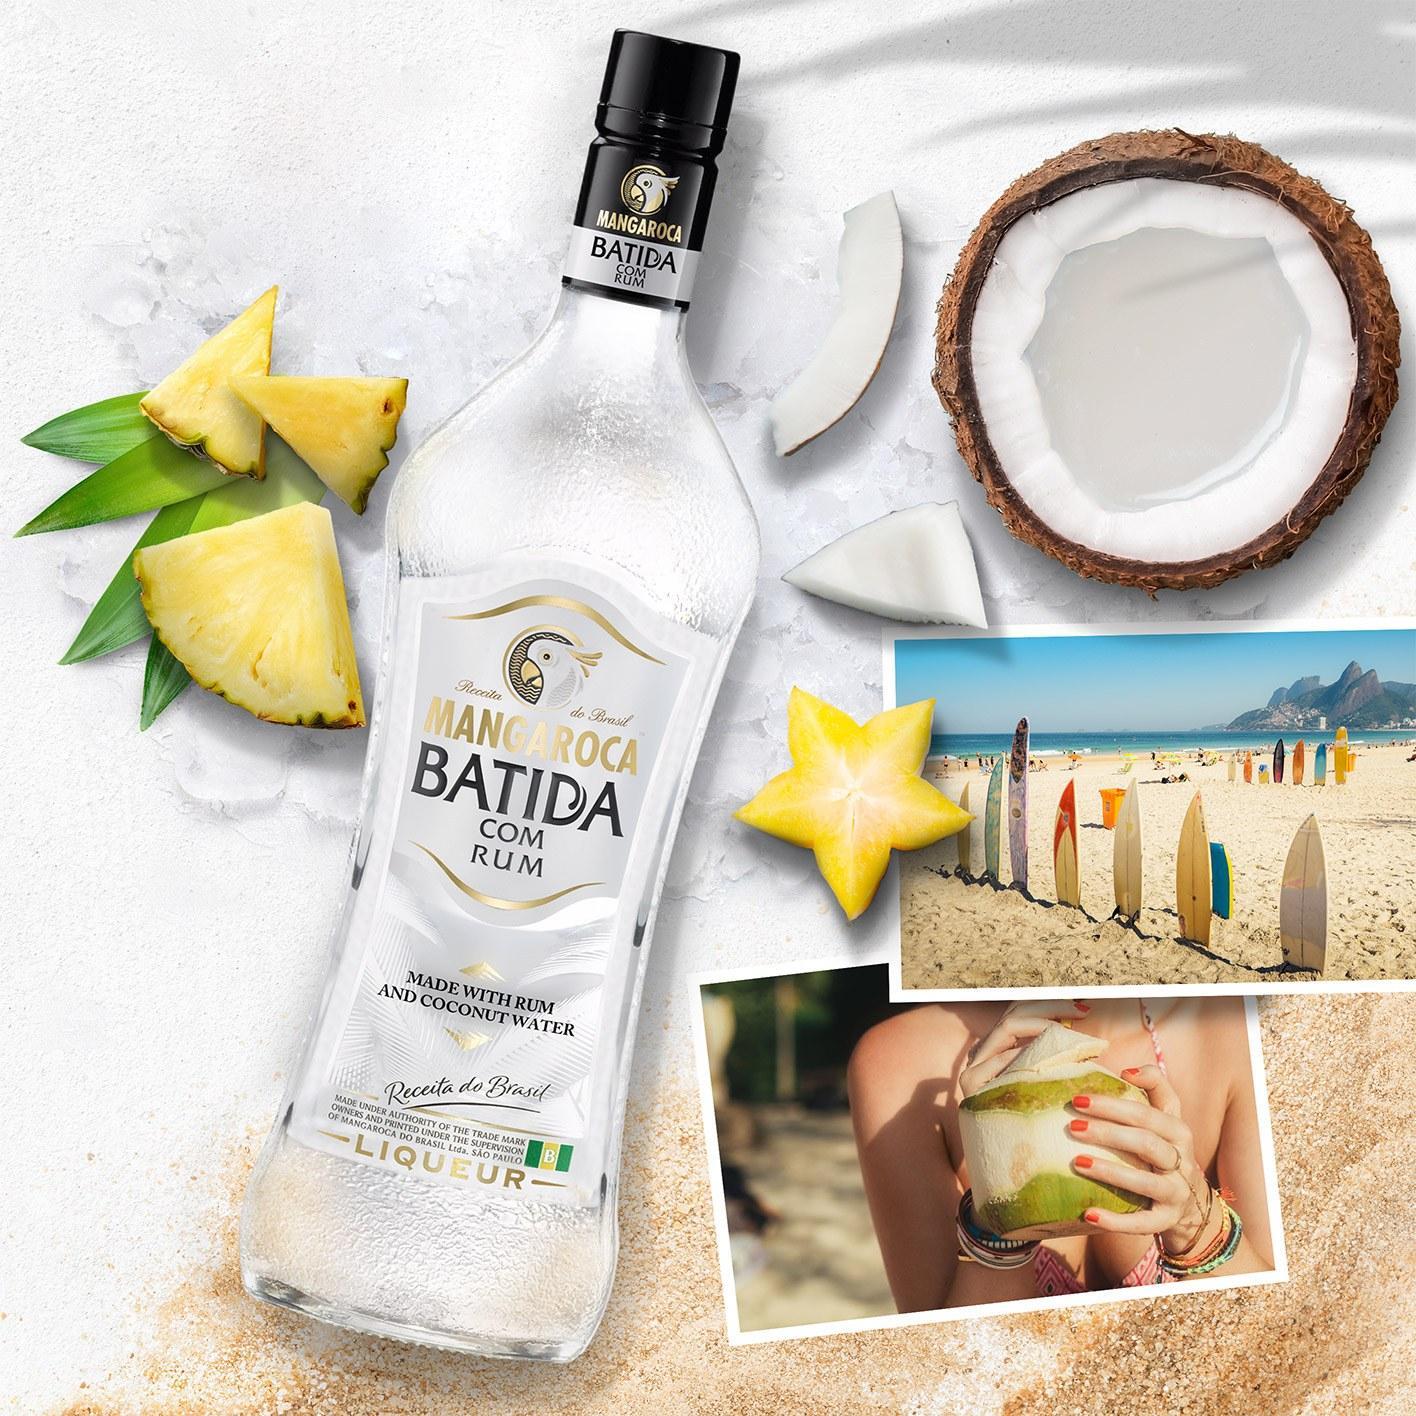 Batida com Rum